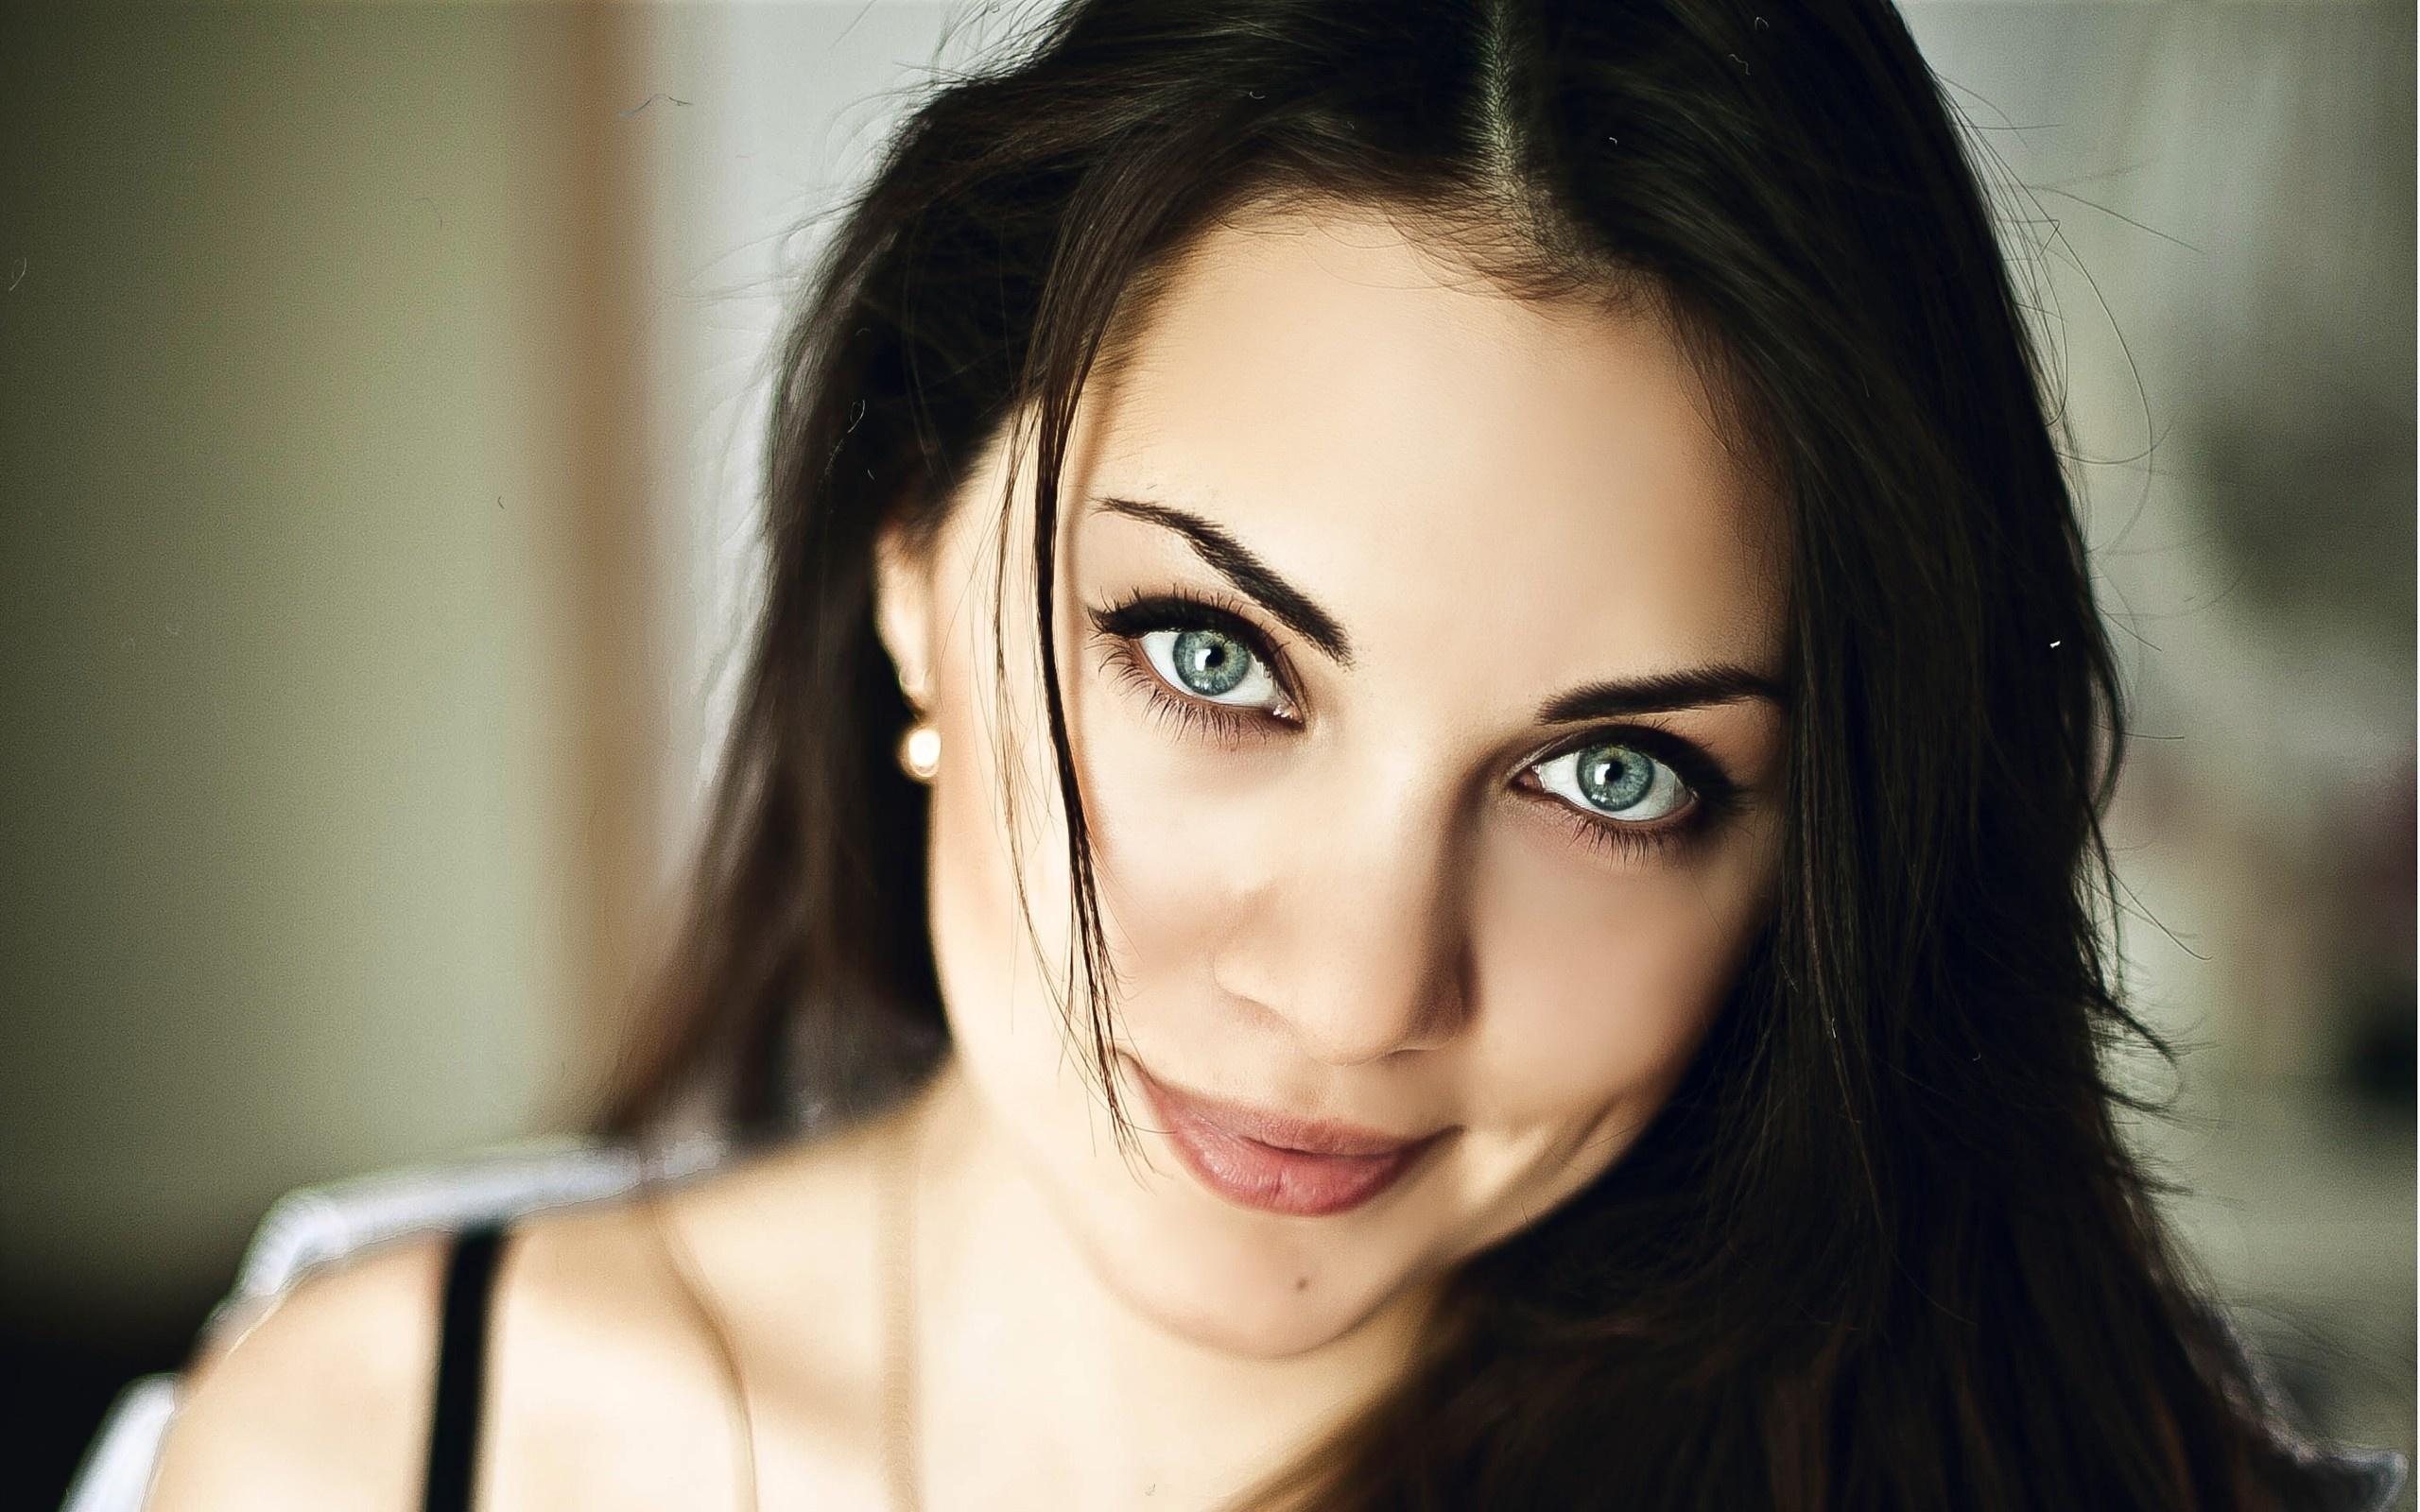 Вечерний макияж для брюнеток с серыми и голубыми глазами